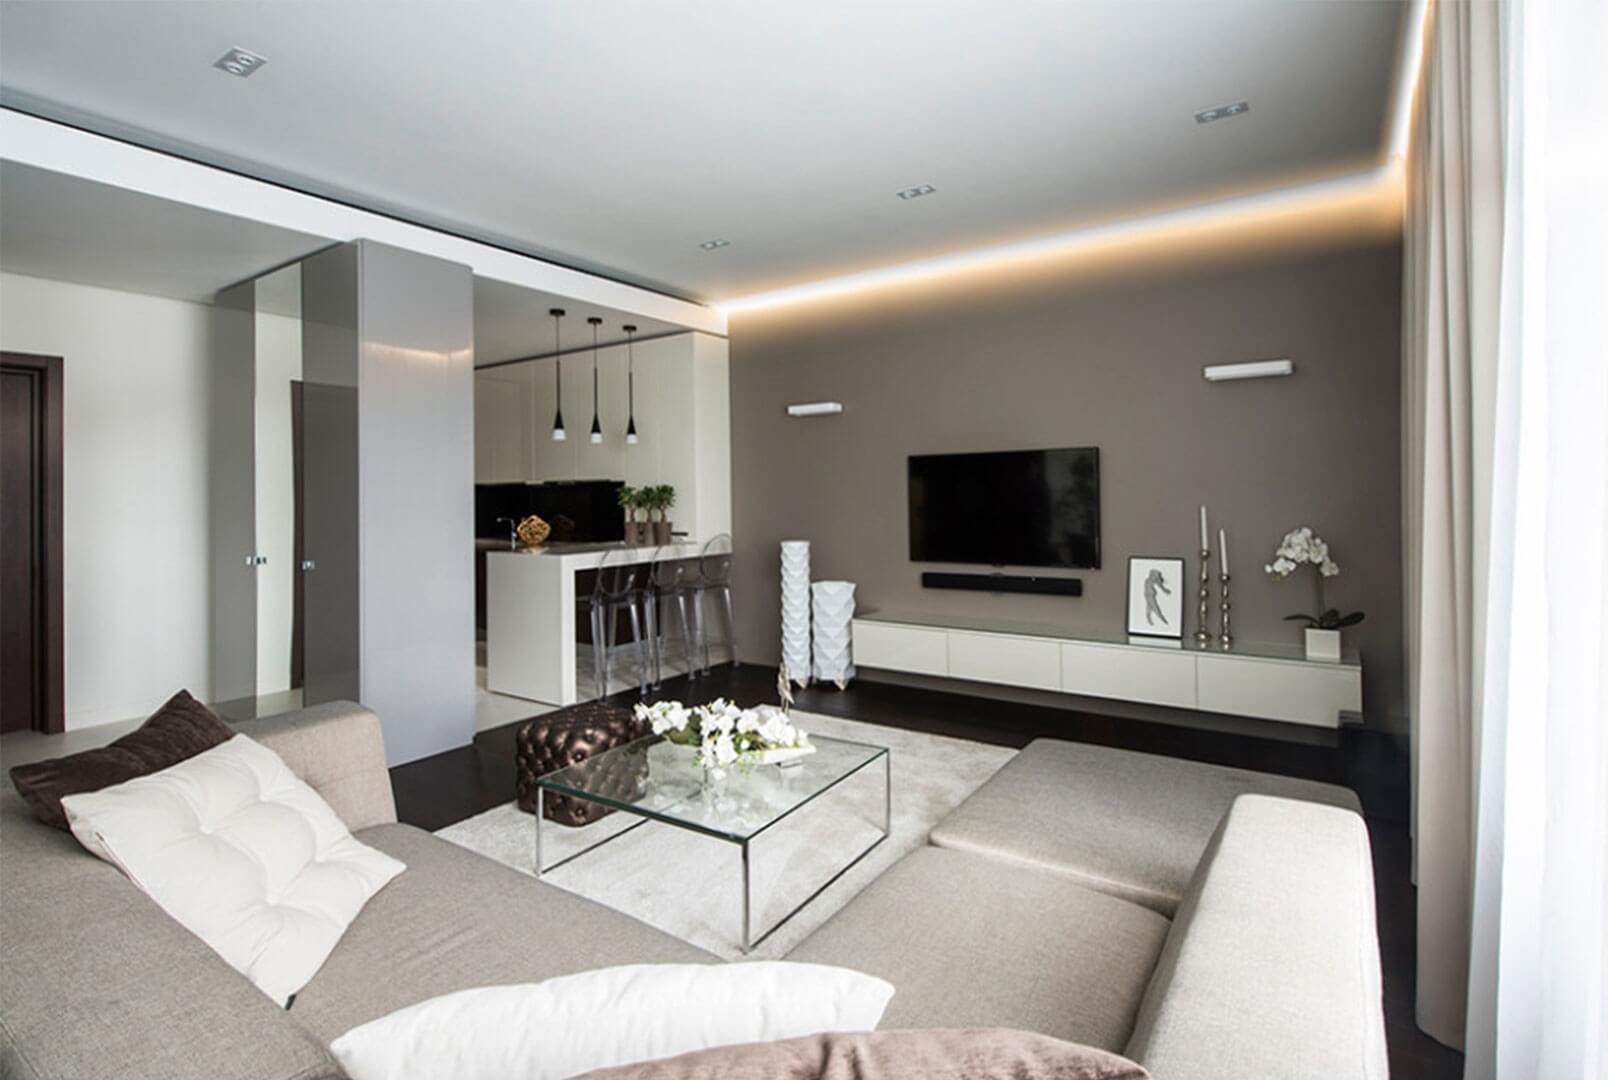 bore 15 most innovative interior design ideas for modern small